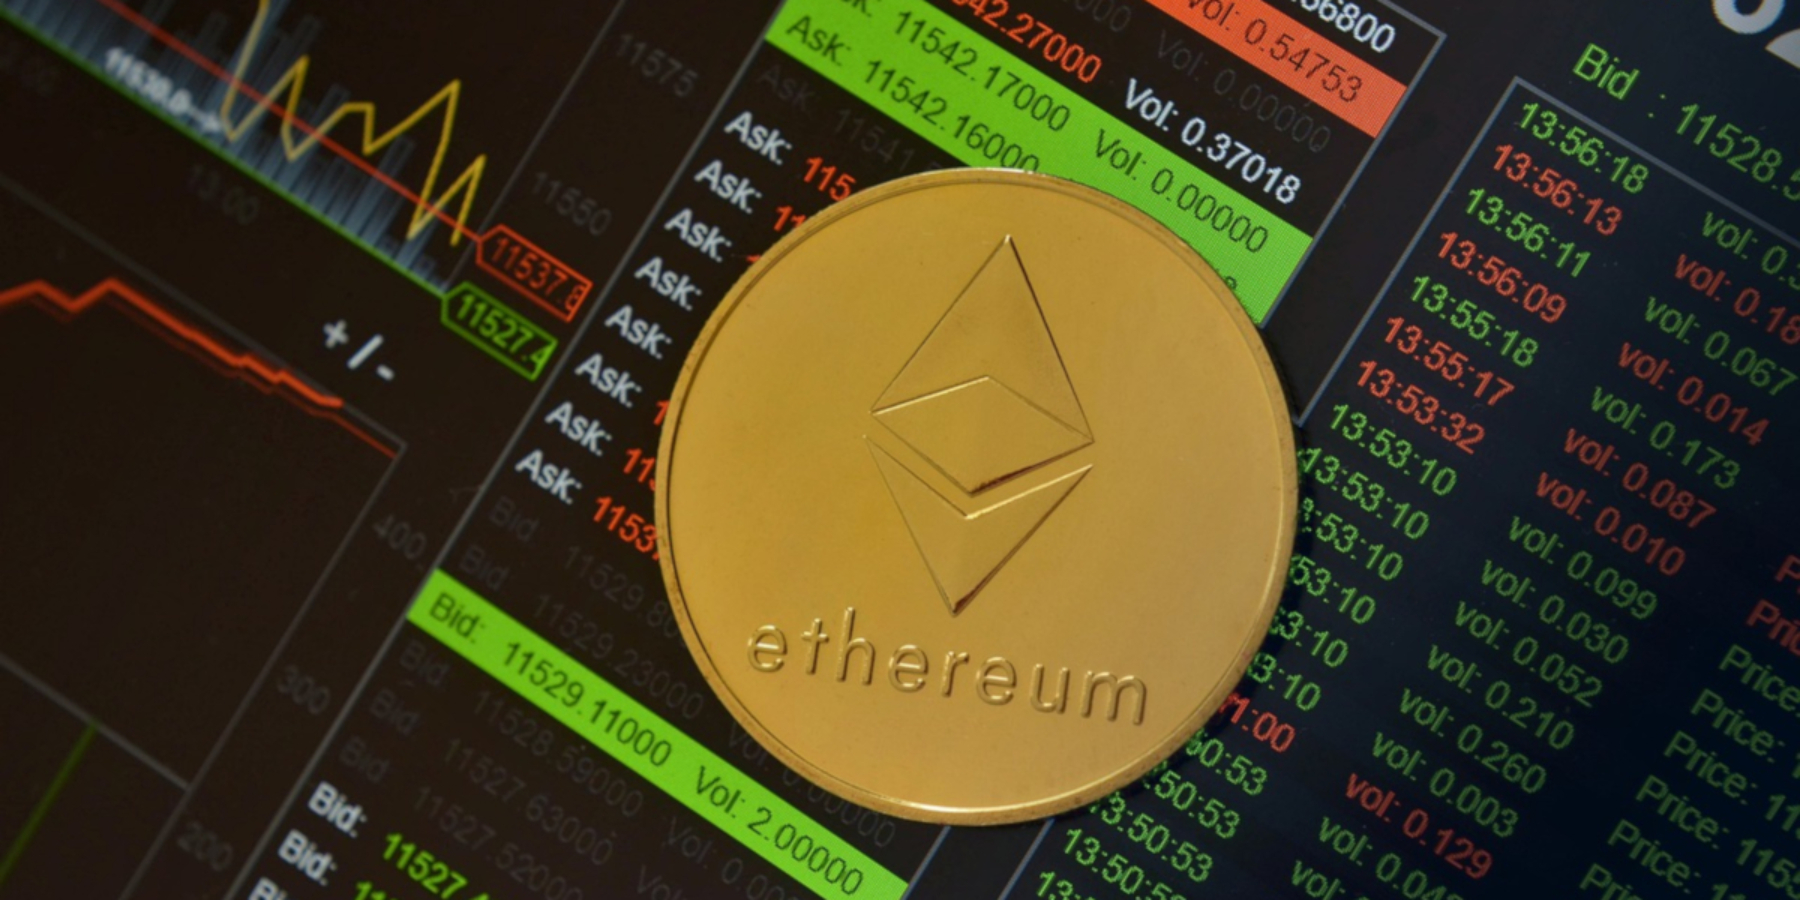 Europejski Bank Inwestycyjny wyemitował obligacje owartości 100 mln euro nasieci Ethereum